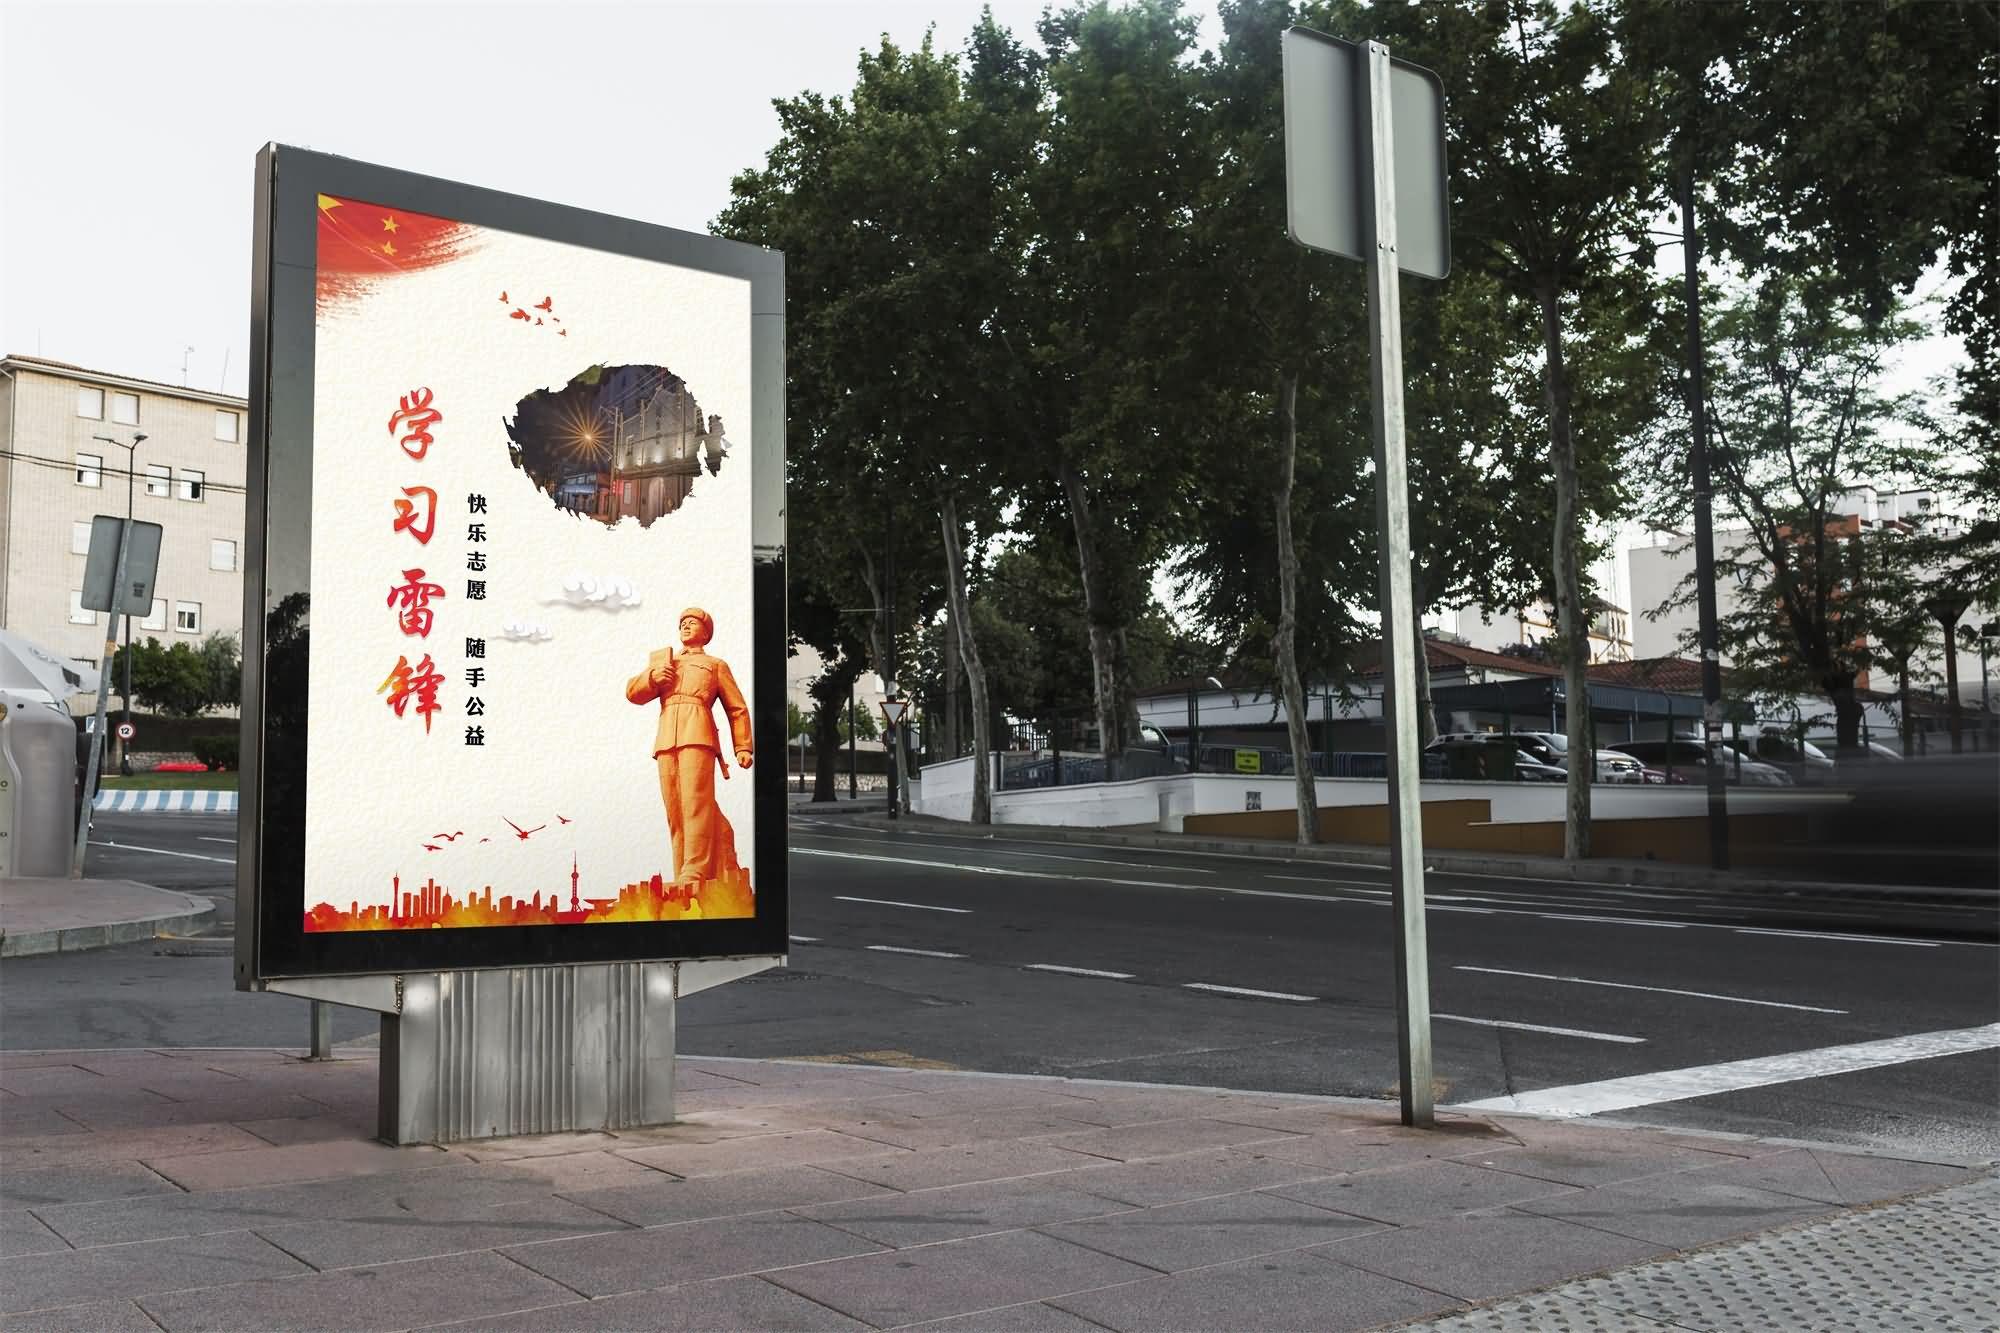 上海市北外滩街道办事处11